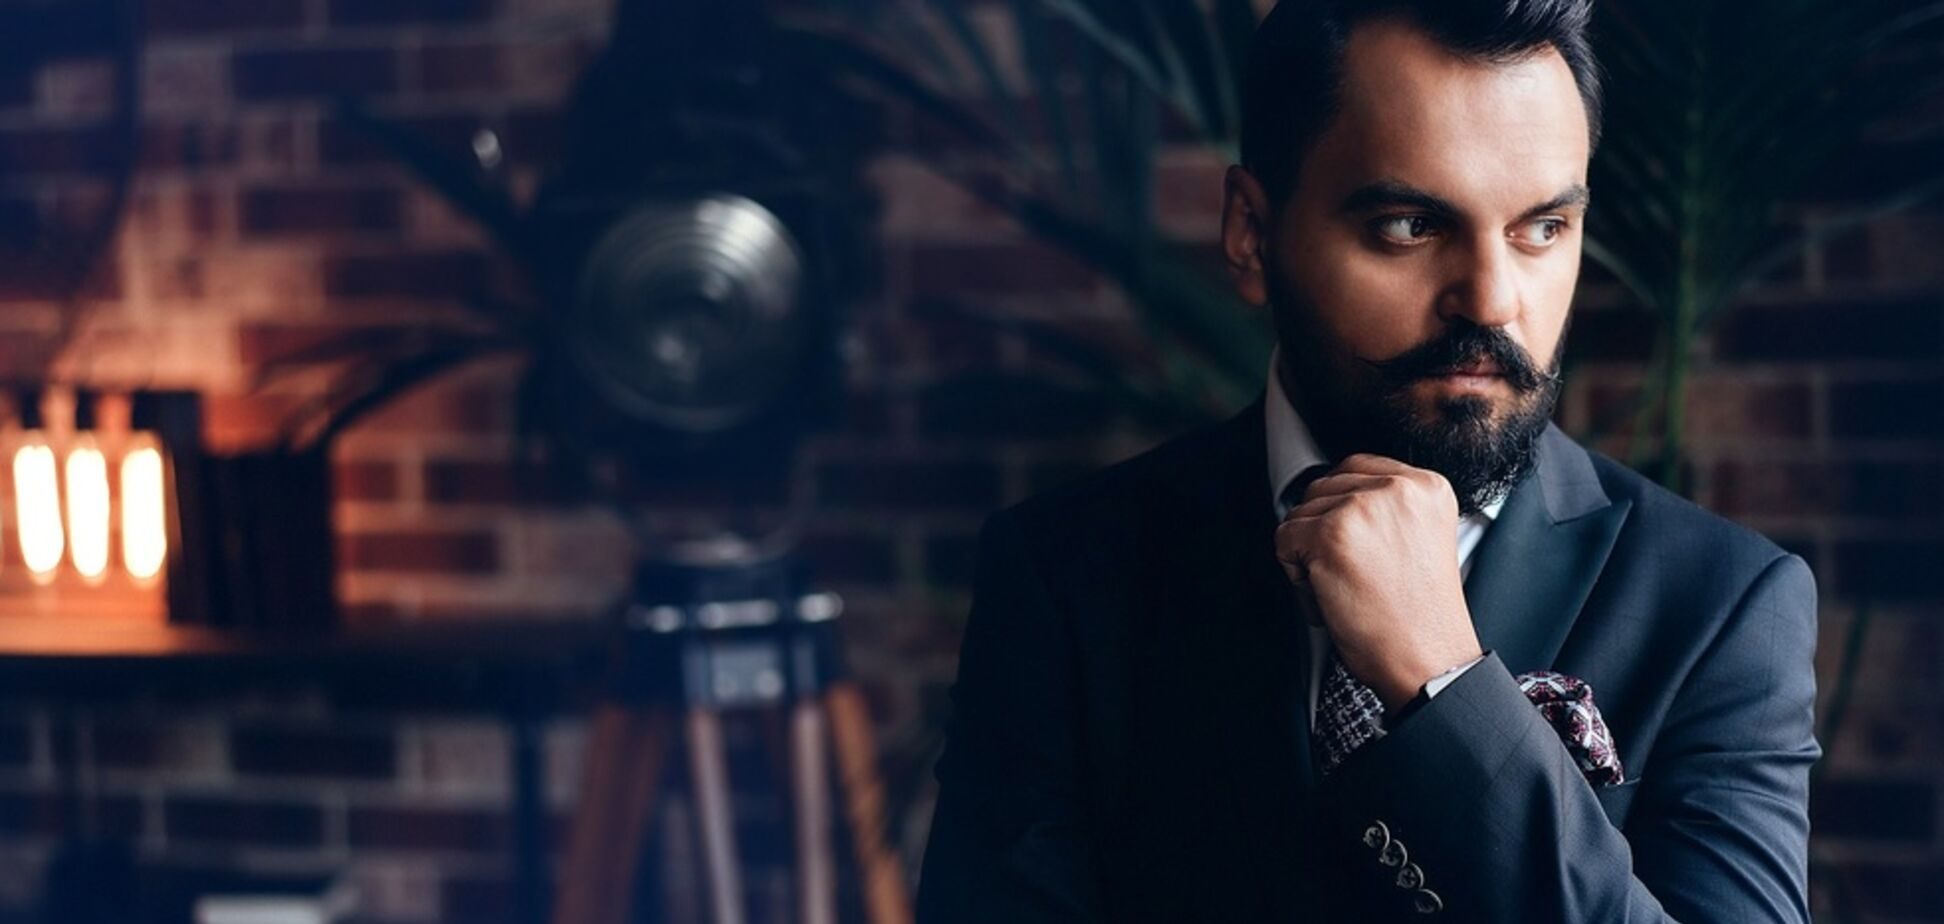 Евровидение 2017-2018 для Украины были провальными — продюсер топ-звезд страны